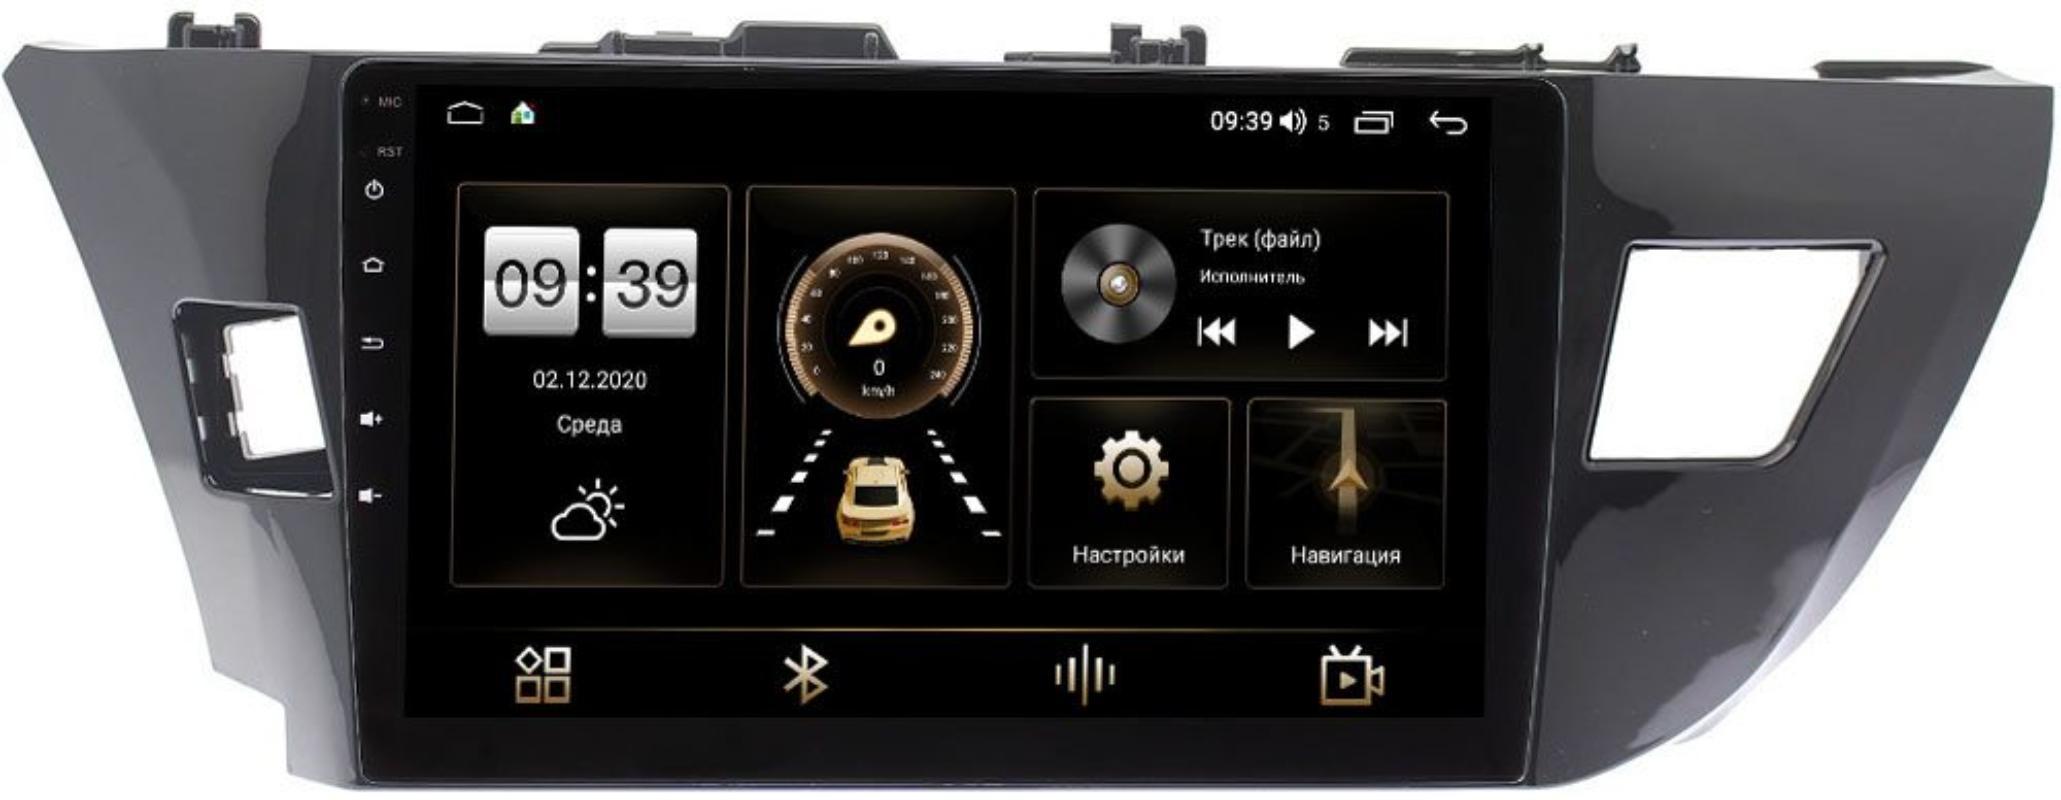 Штатная магнитола Toyota Corolla XI 2013-2015 LeTrun 4195-1005 на Android 10 (6/128, DSP, QLed) С оптическим выходом (для авто без камеры) (+ Камера заднего вида в подарок!)